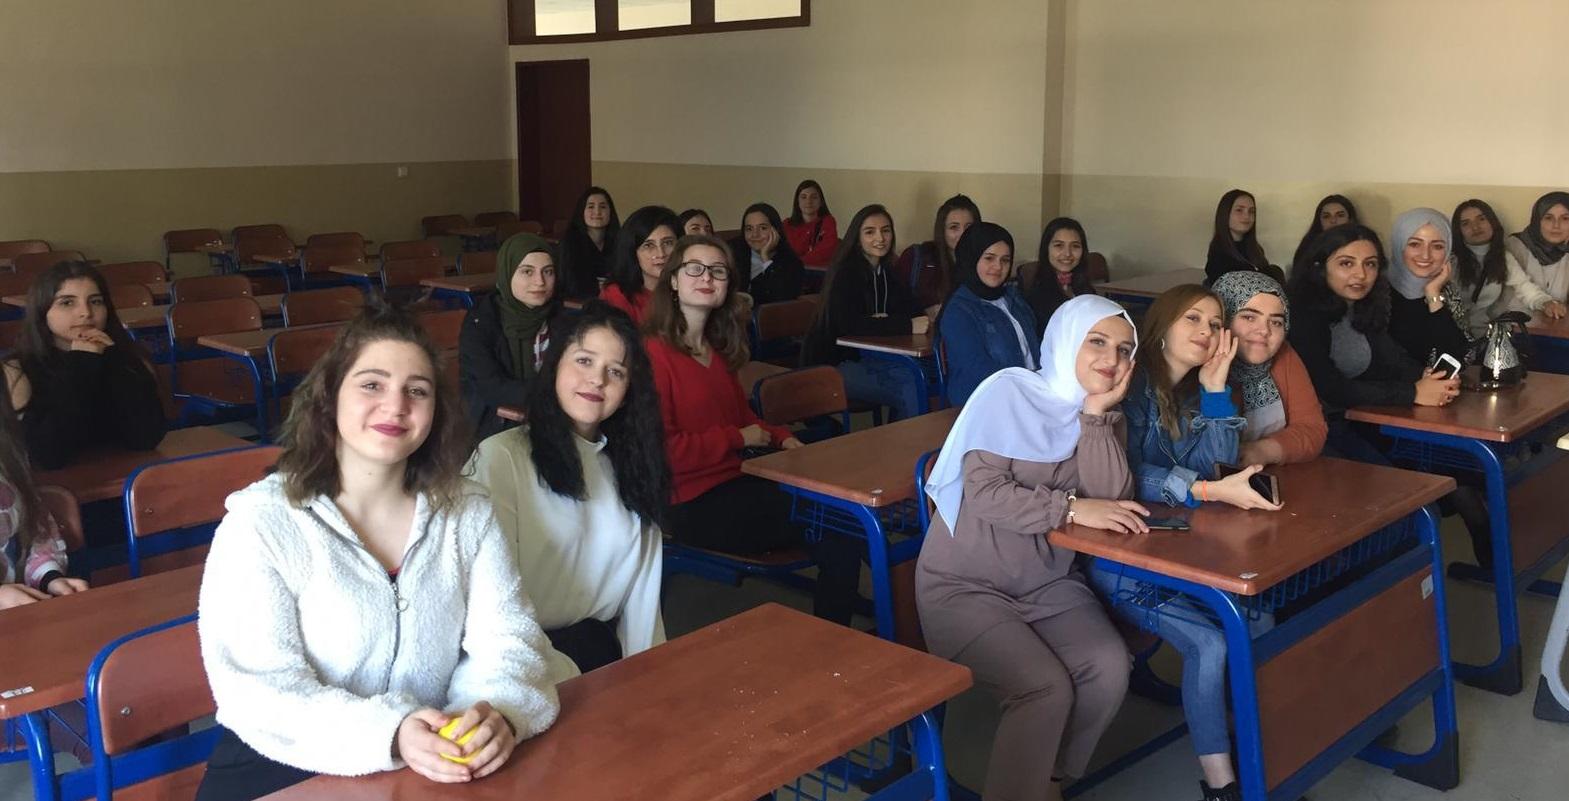 Arif Nihat Asya Öğrencileri Üniversite Tanıtım Günlerine Katıldılar